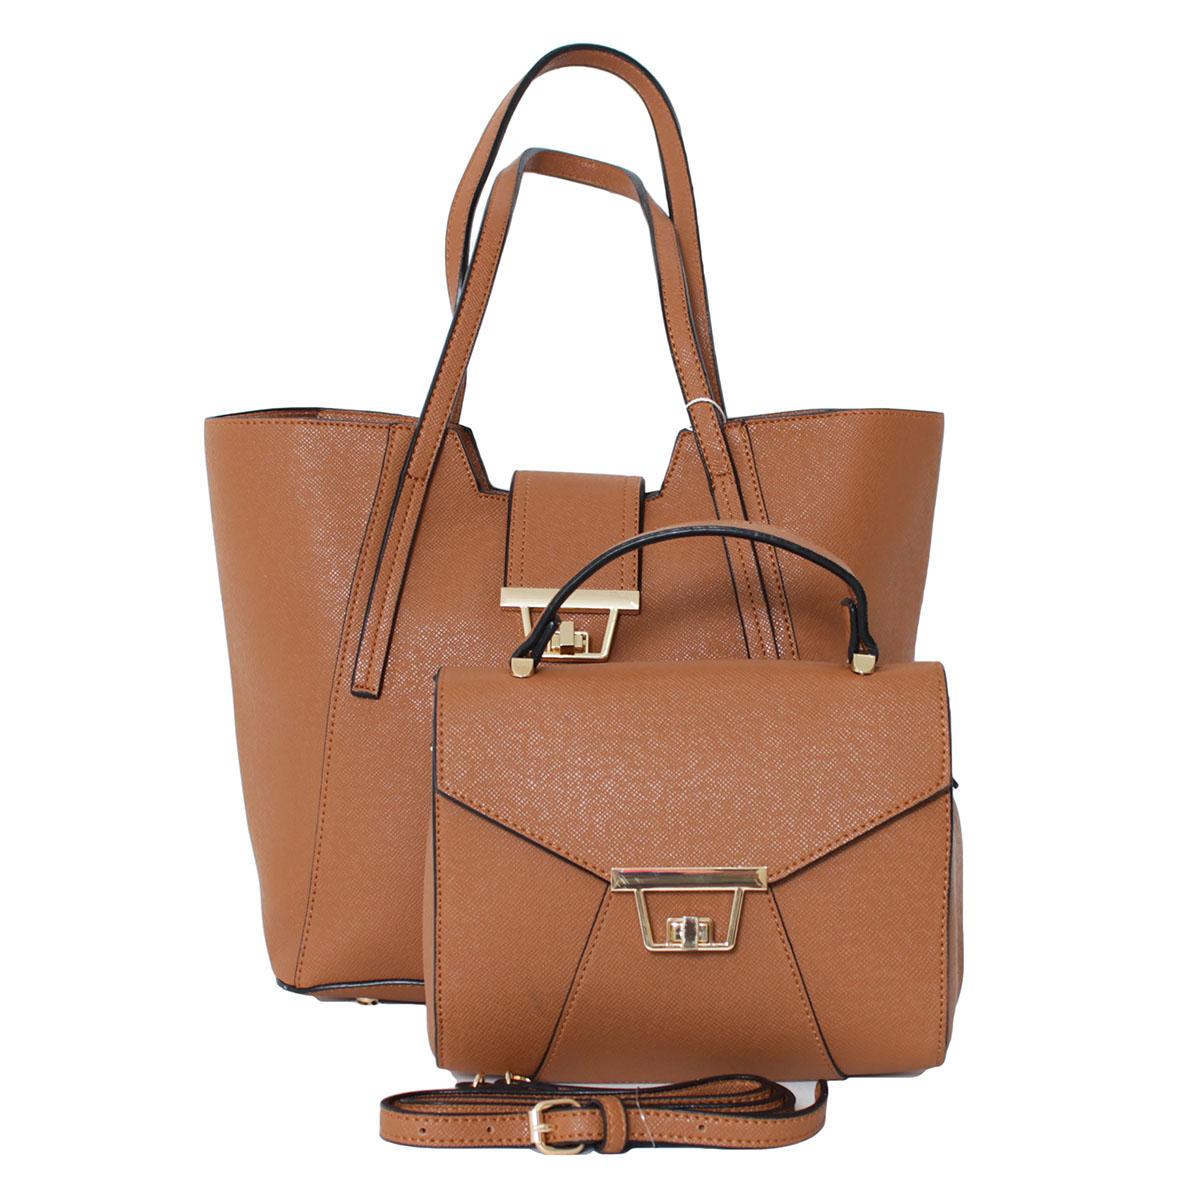 Сумка женский Flioraj, цвет: коричневый. 000521483-47660-00504В комплекте две сумки. Одна сумка (29 х 14 х 27, высота ручки - 26) закрывается на молнию, внутри одно отделение. Вторая сумка (22 х 11 х 17, высота ручки - 7) закрывается на декоративный клапан, внутри одно отделение, один открытый карман. Длинный ремень